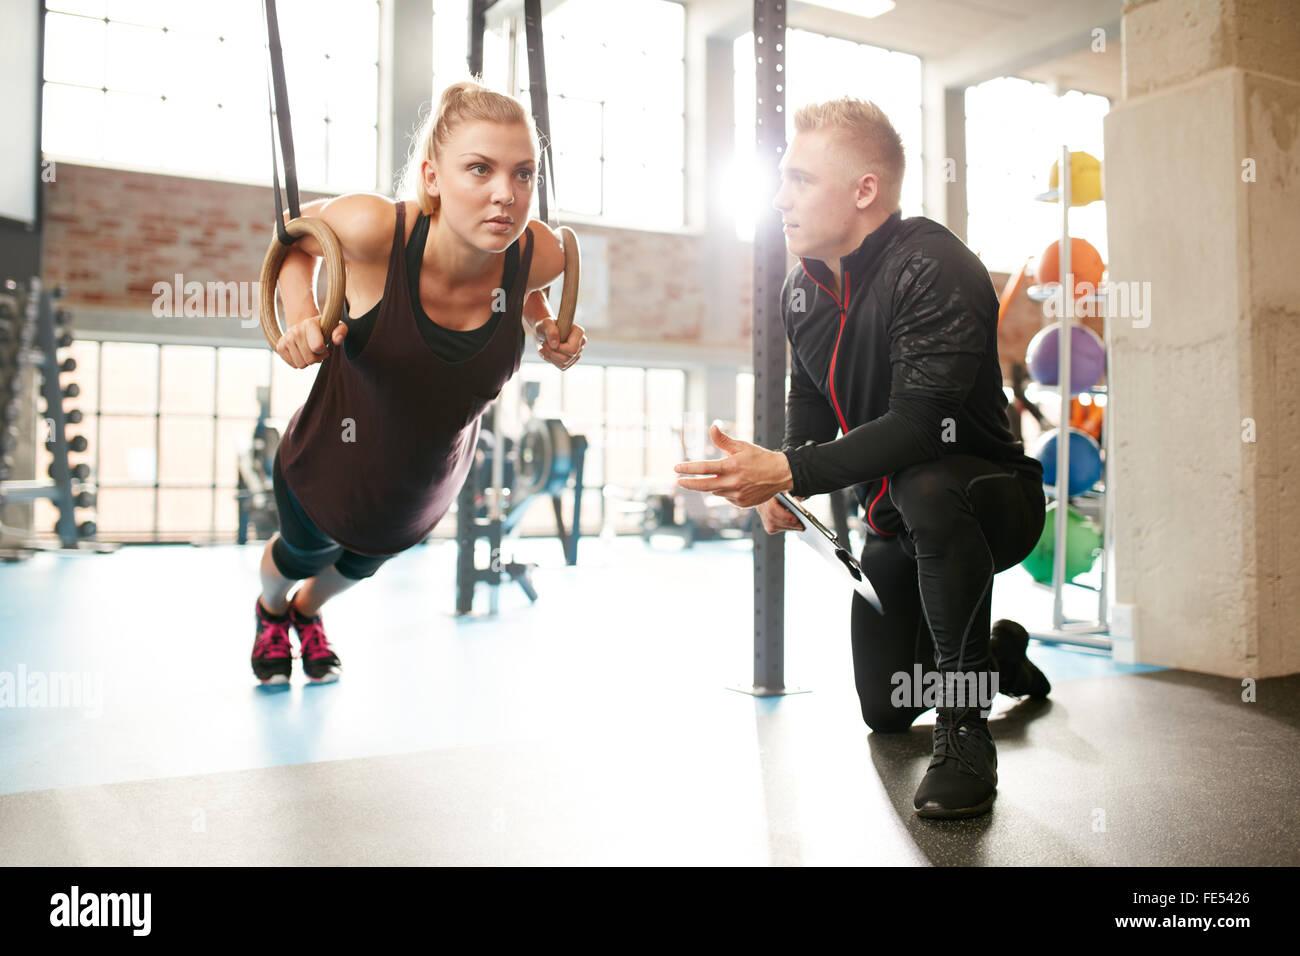 Junge Frau tut Übungen mit Hilfe eines personal Trainers in einen modernen Fitnessraum. Frauen arbeiten auf Stockbild